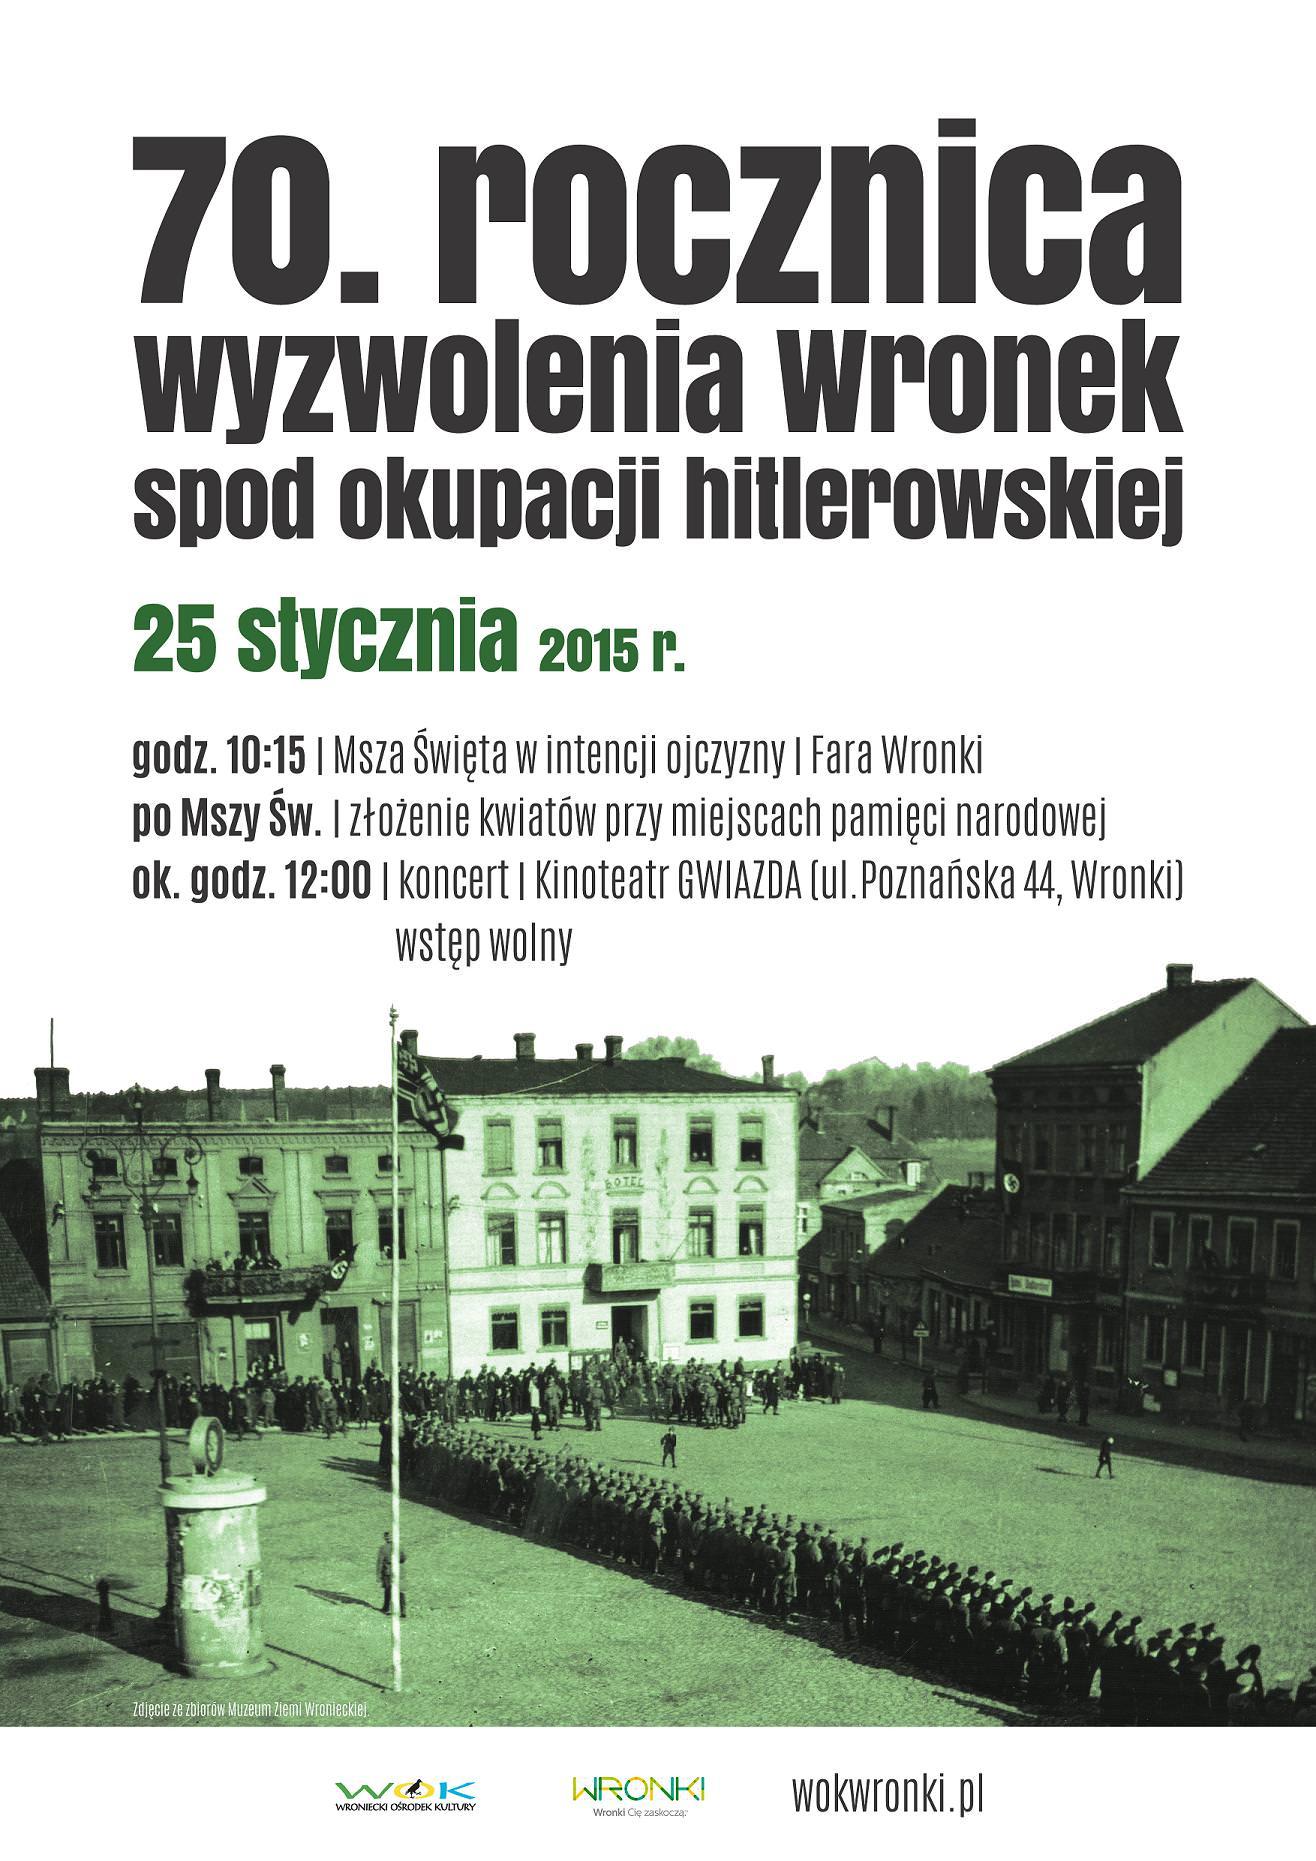 70_rocznica_wyzwolenia_Wronek_spod_okupacji_hitlerowskiej